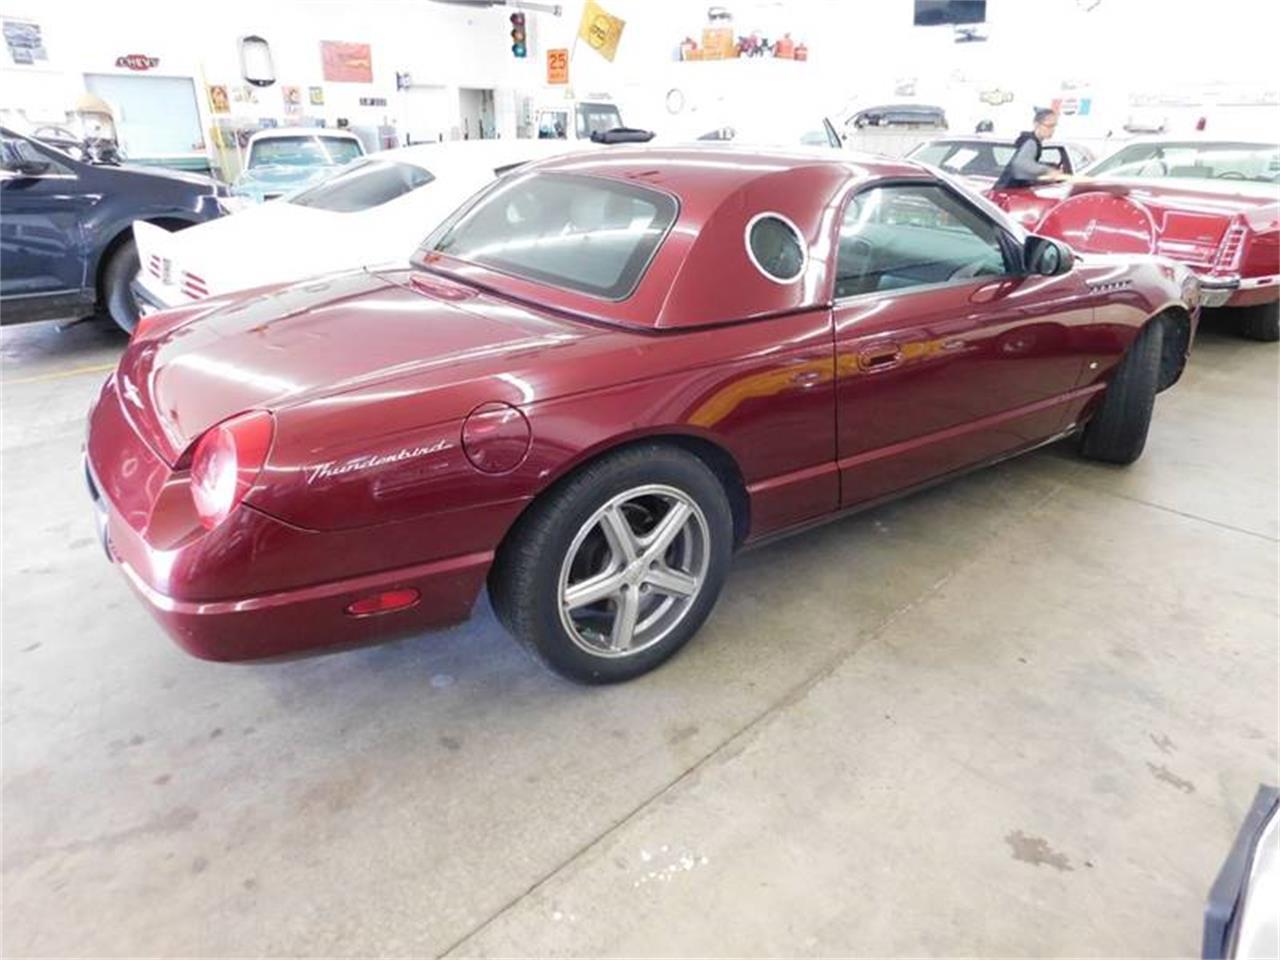 Kokomo Car Dealers >> 2004 Ford Thunderbird for Sale | ClassicCars.com | CC-1156281